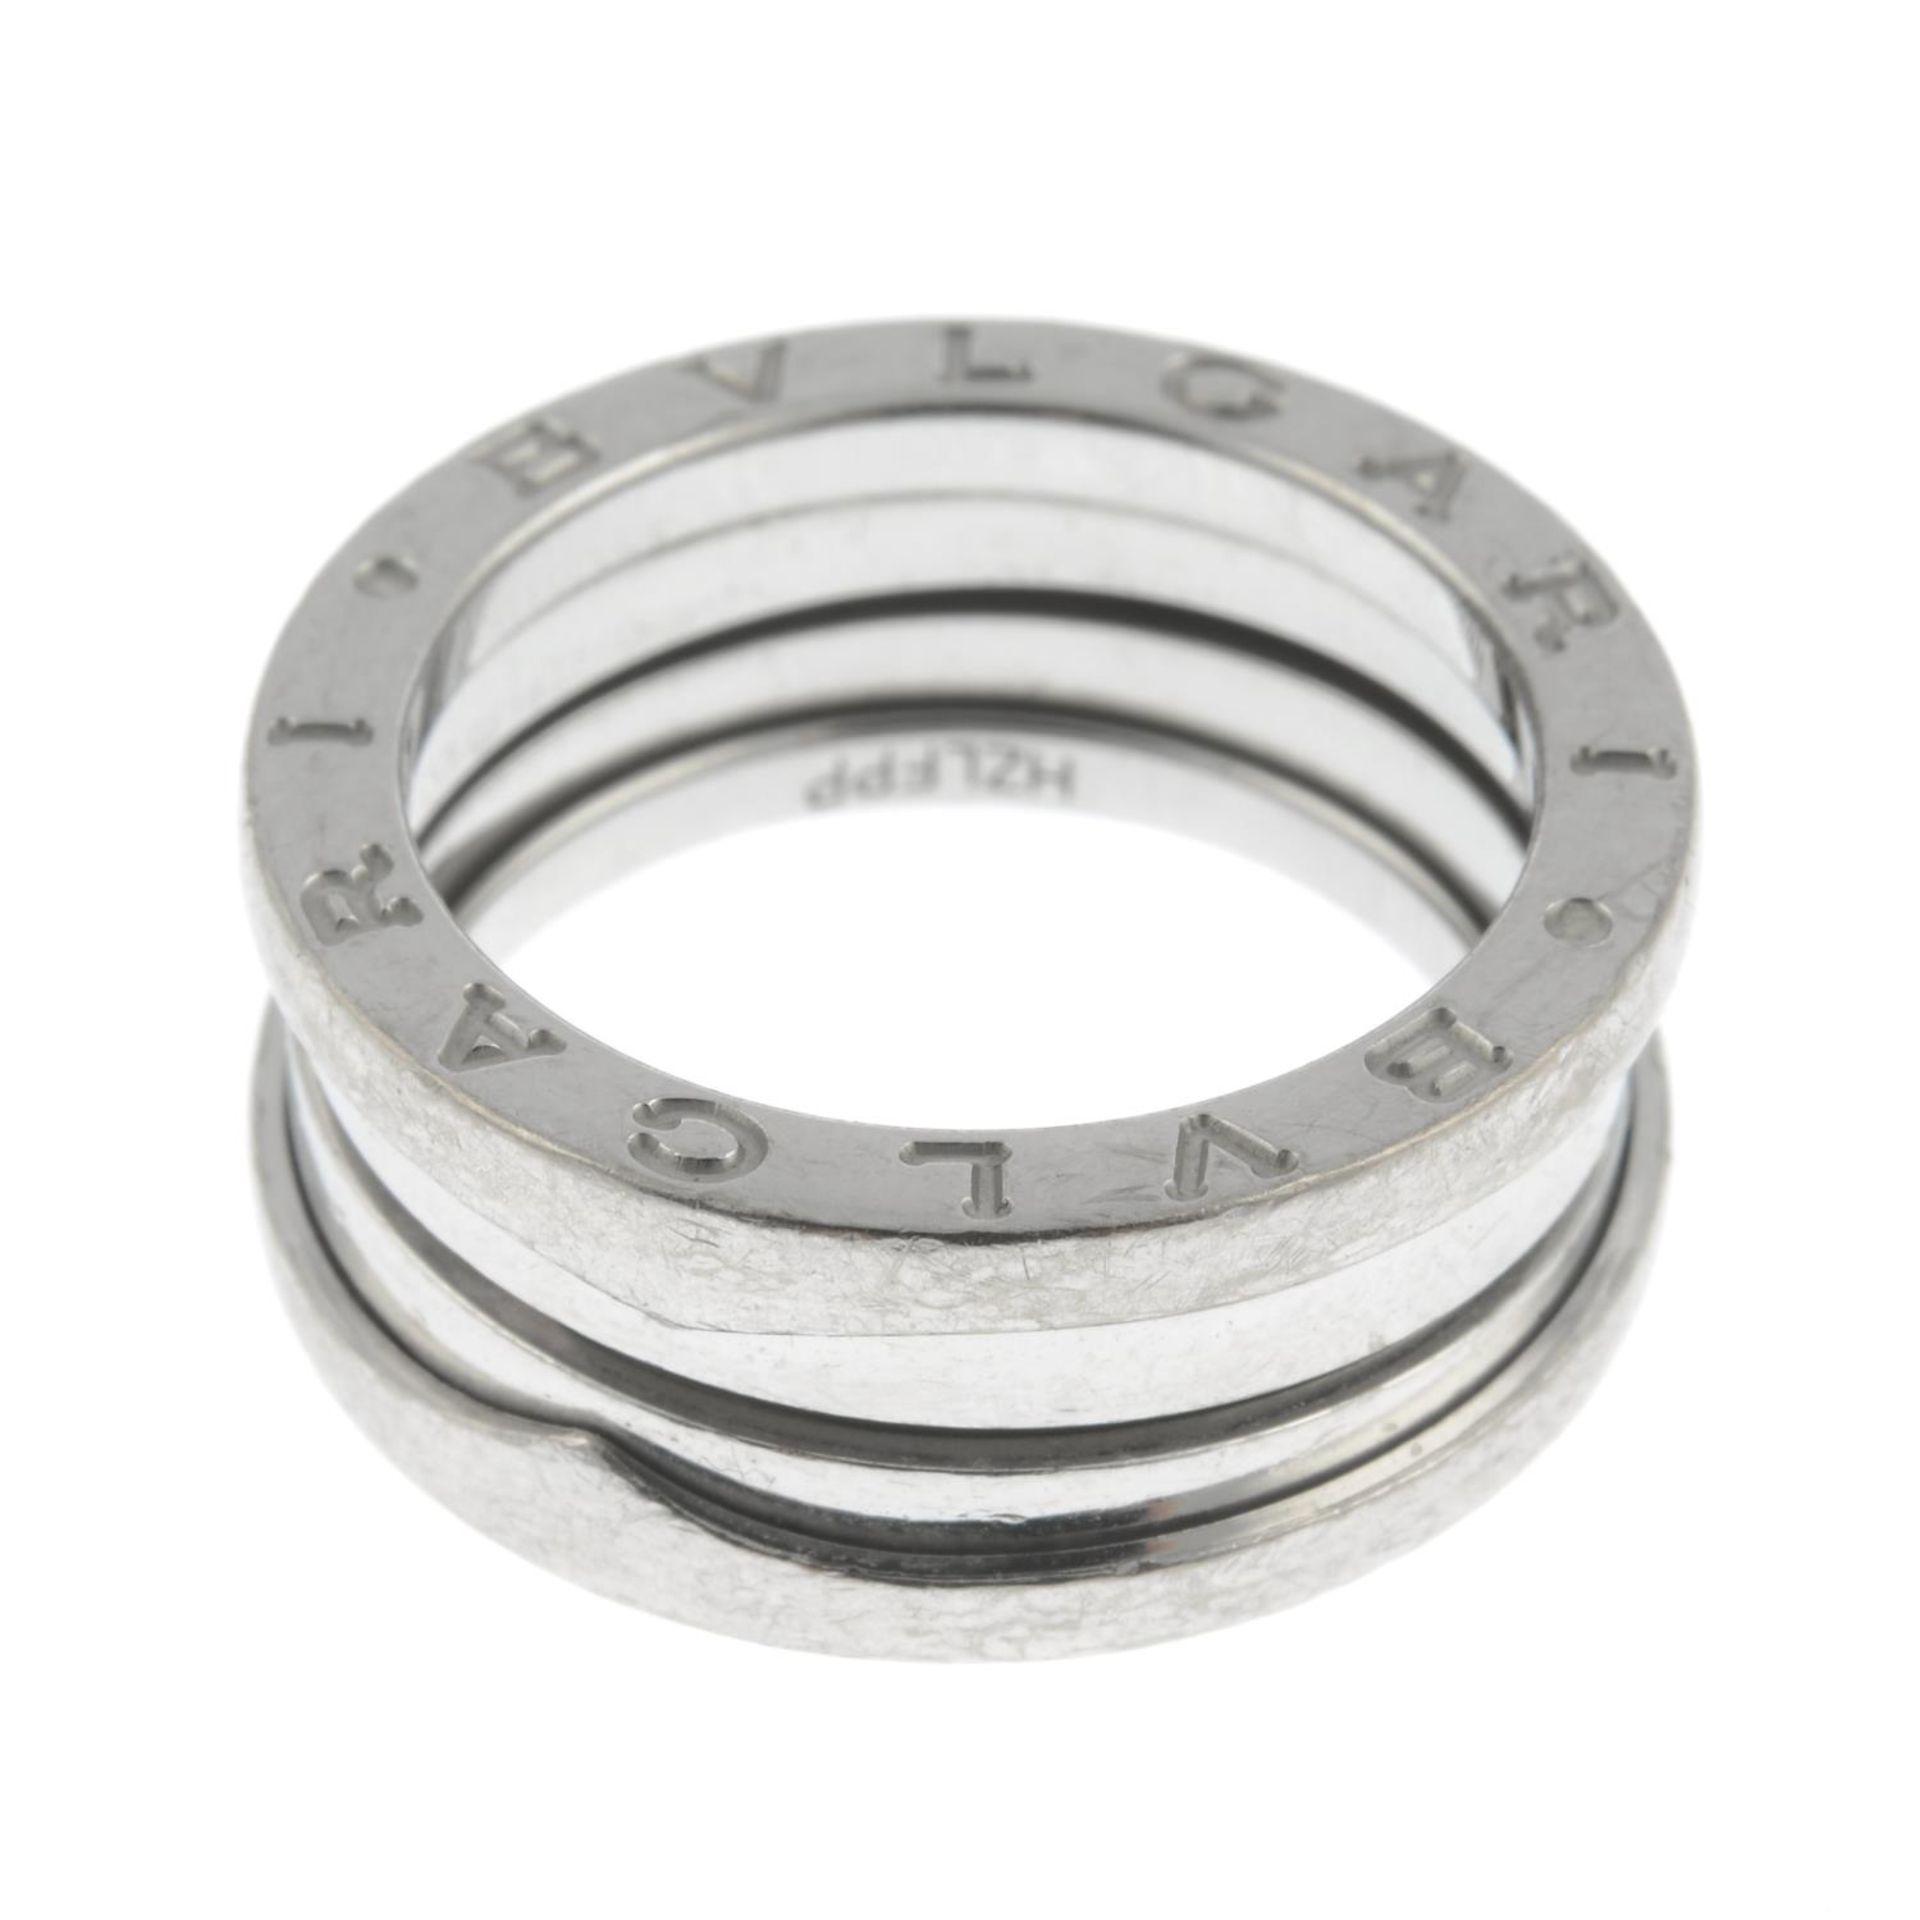 BULGARI - a 'B.Zero1' ring. - Image 3 of 3